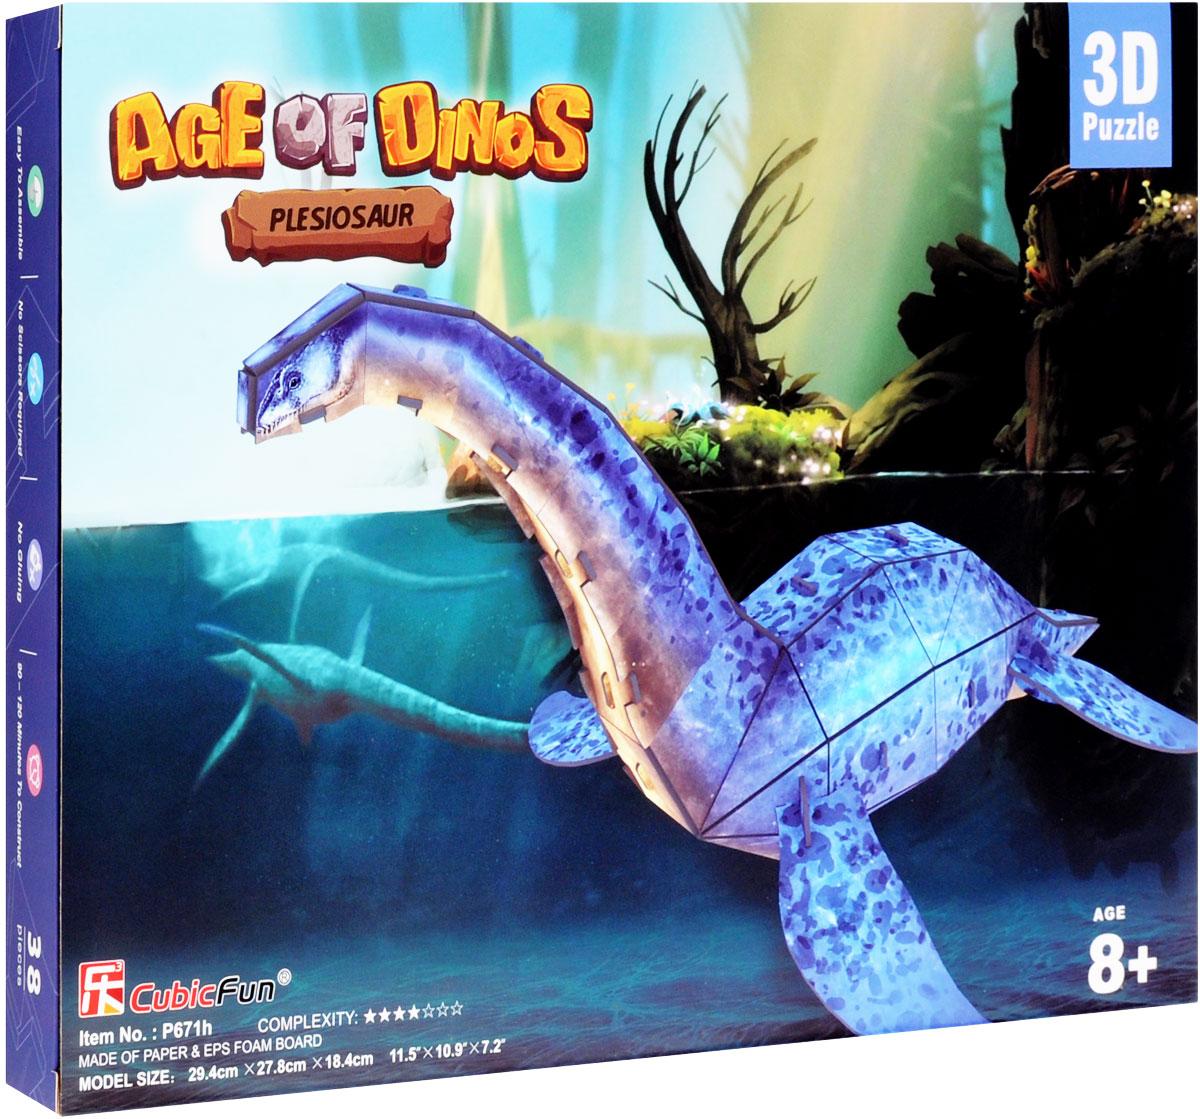 CubicFun 3D пазл Эра Динозавров ПлезиозаврP671h3D пазл CubicFun Эра Динозавров. Плезиозавр надолго увлечет вас и вашего малыша. Теперь ваш ребёнок сможет собрать 3D-модель одного из ужасных доисторических обитателей нашей планеты - плезиозавра! 3D пазл включает в себя 38 элементов из мягкого вспененного полимера и бумаги, а также иллюстрированную инструкцию. Конструктор невероятно прост в применении - вам не понадобятся ножницы или клей, все элементы легко извлекаются из рамок путем выдавливания и соединяются благодаря вырубкам. Пазл порадует вас высоким качеством исполнения и детализации и подарит вашему малышу множество веселых мгновений. Готовый макет станет предметом гордости малыша, он будет великолепным украшением любого интерьера или подарком для родных и близких. Порадуйте своего малыша таким прекрасным подарком! Сложность игрушки: 4 звезды из 7.